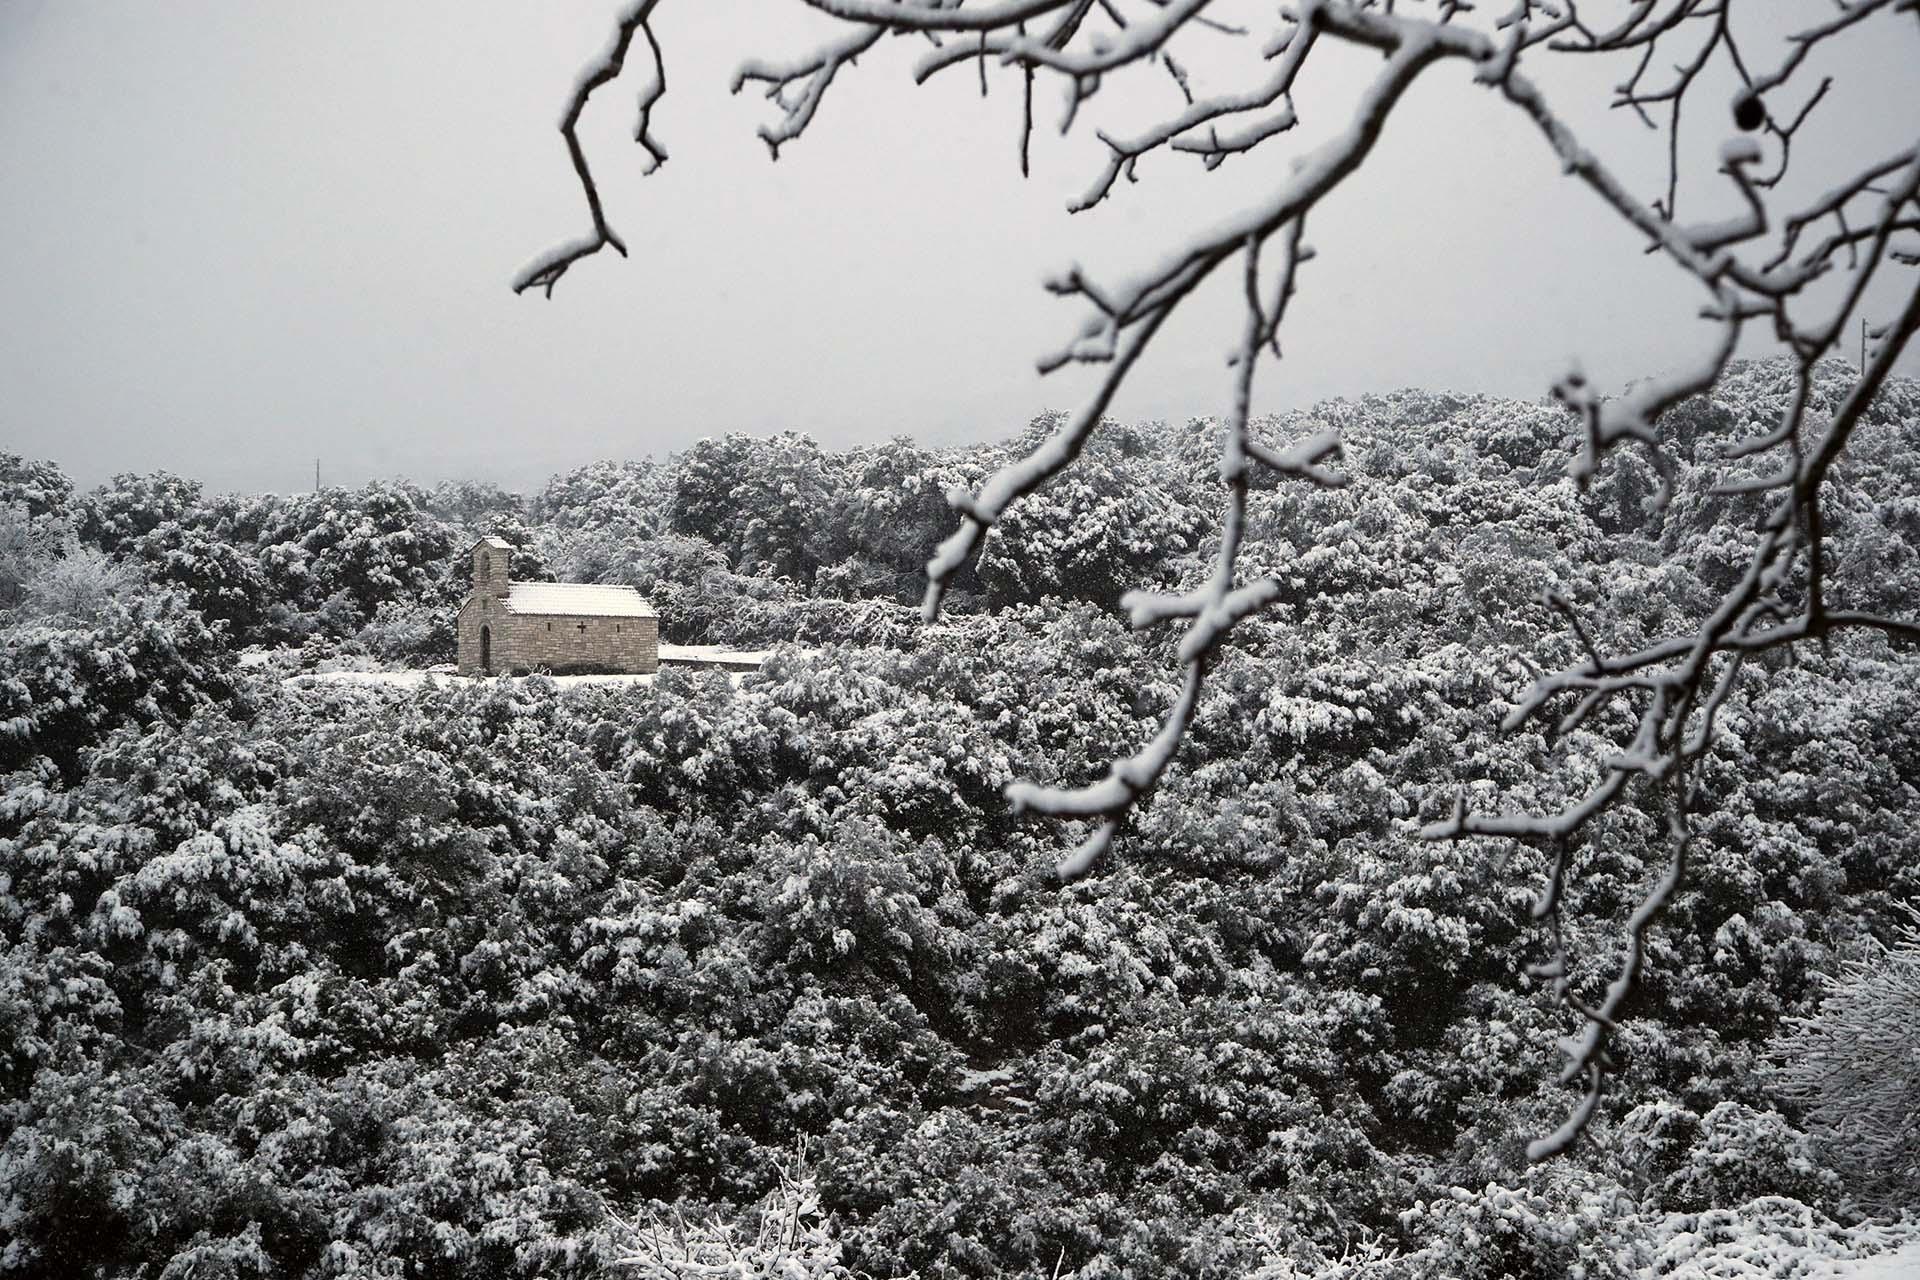 La nieve cubre una pequeña iglesia ortodoxa en grecia (AP Photo/Thanassis Stavrakis)